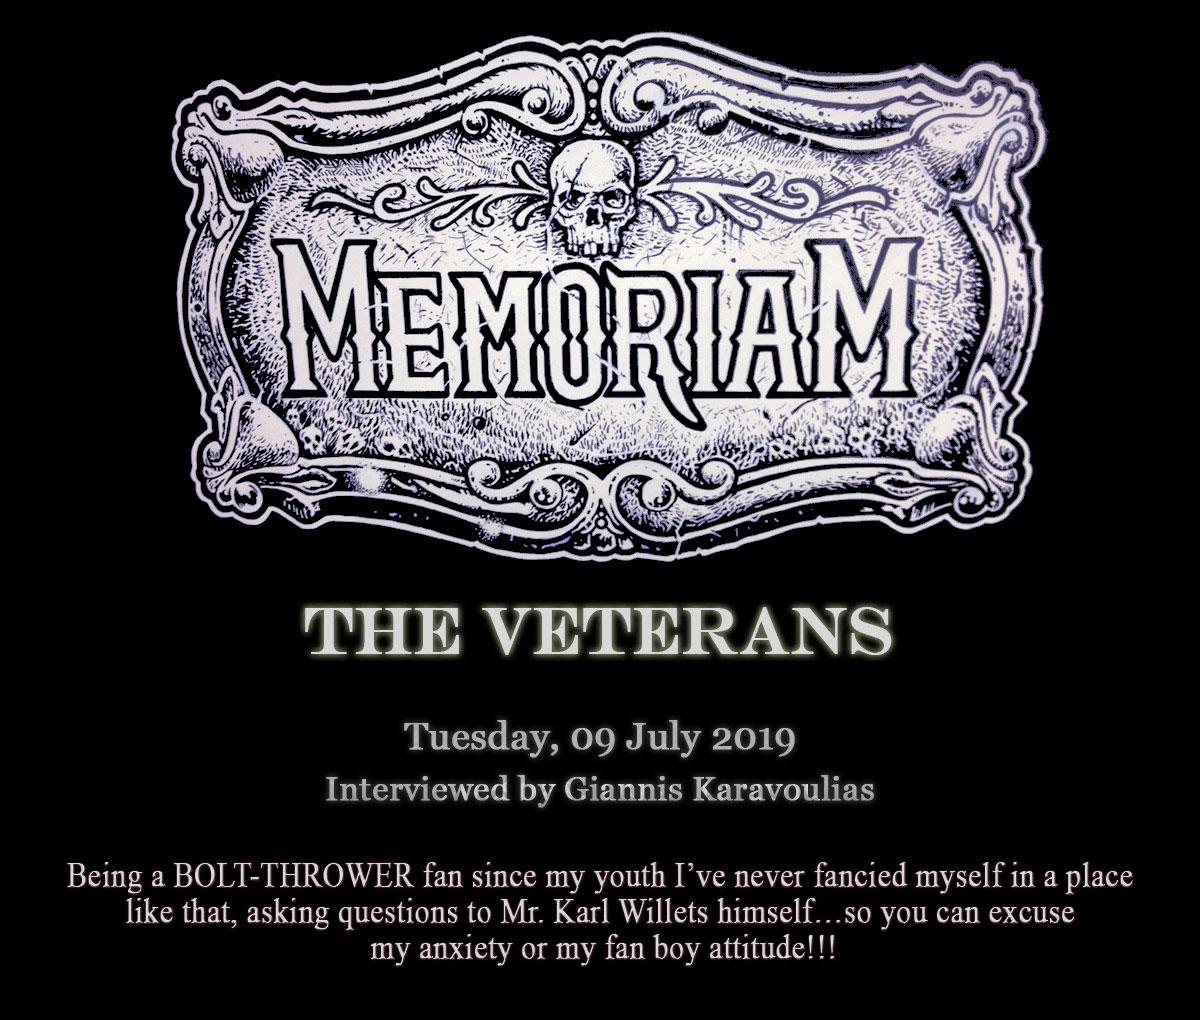 Memoriam – The Veterans